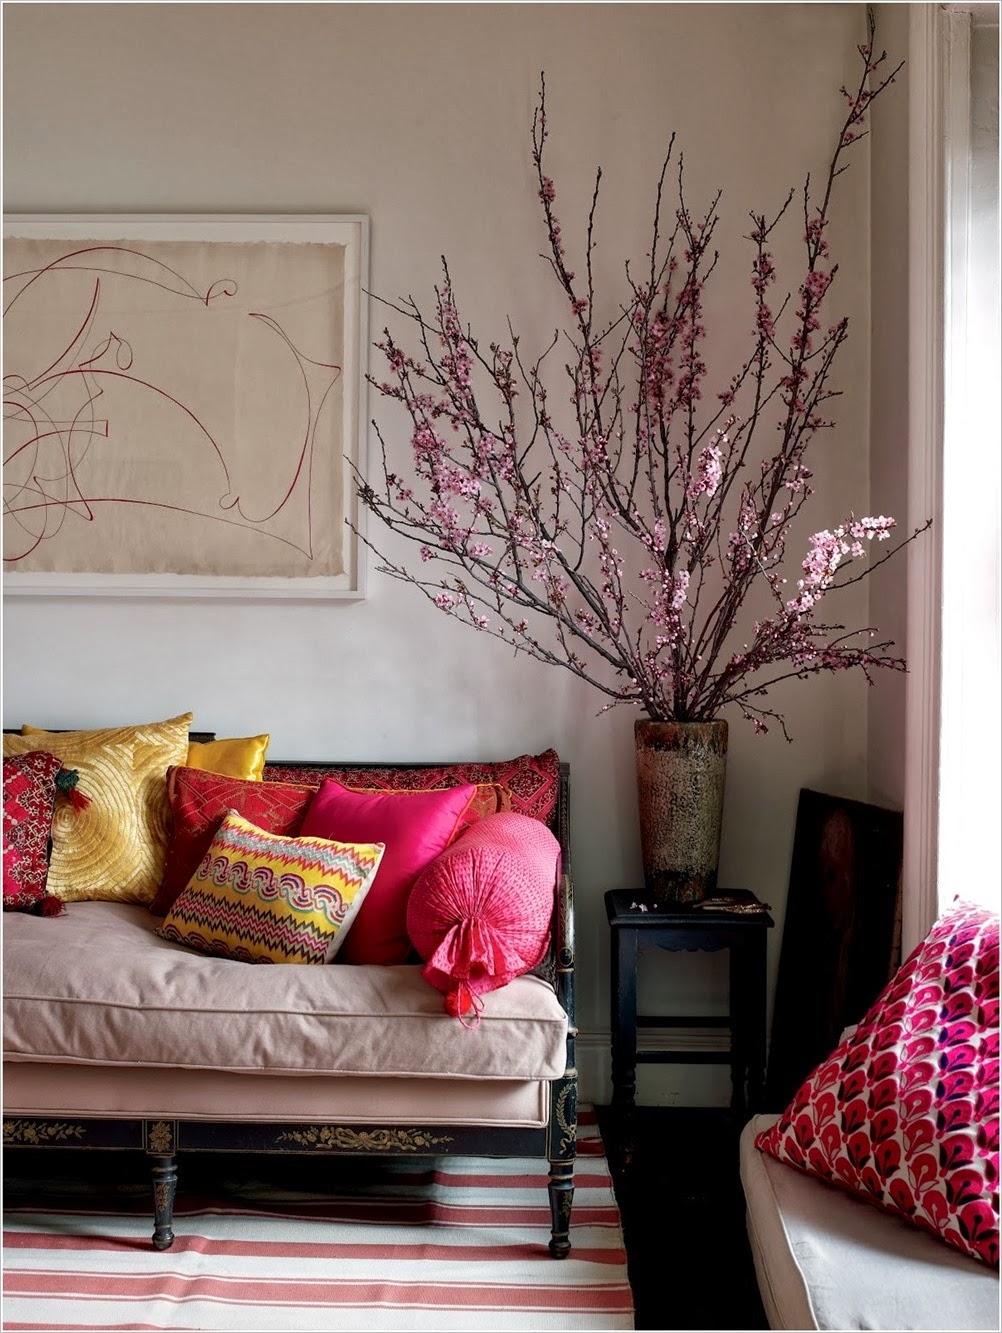 Decoration Avec Des Fleurs #13: Decoration Avec Des Fleurs